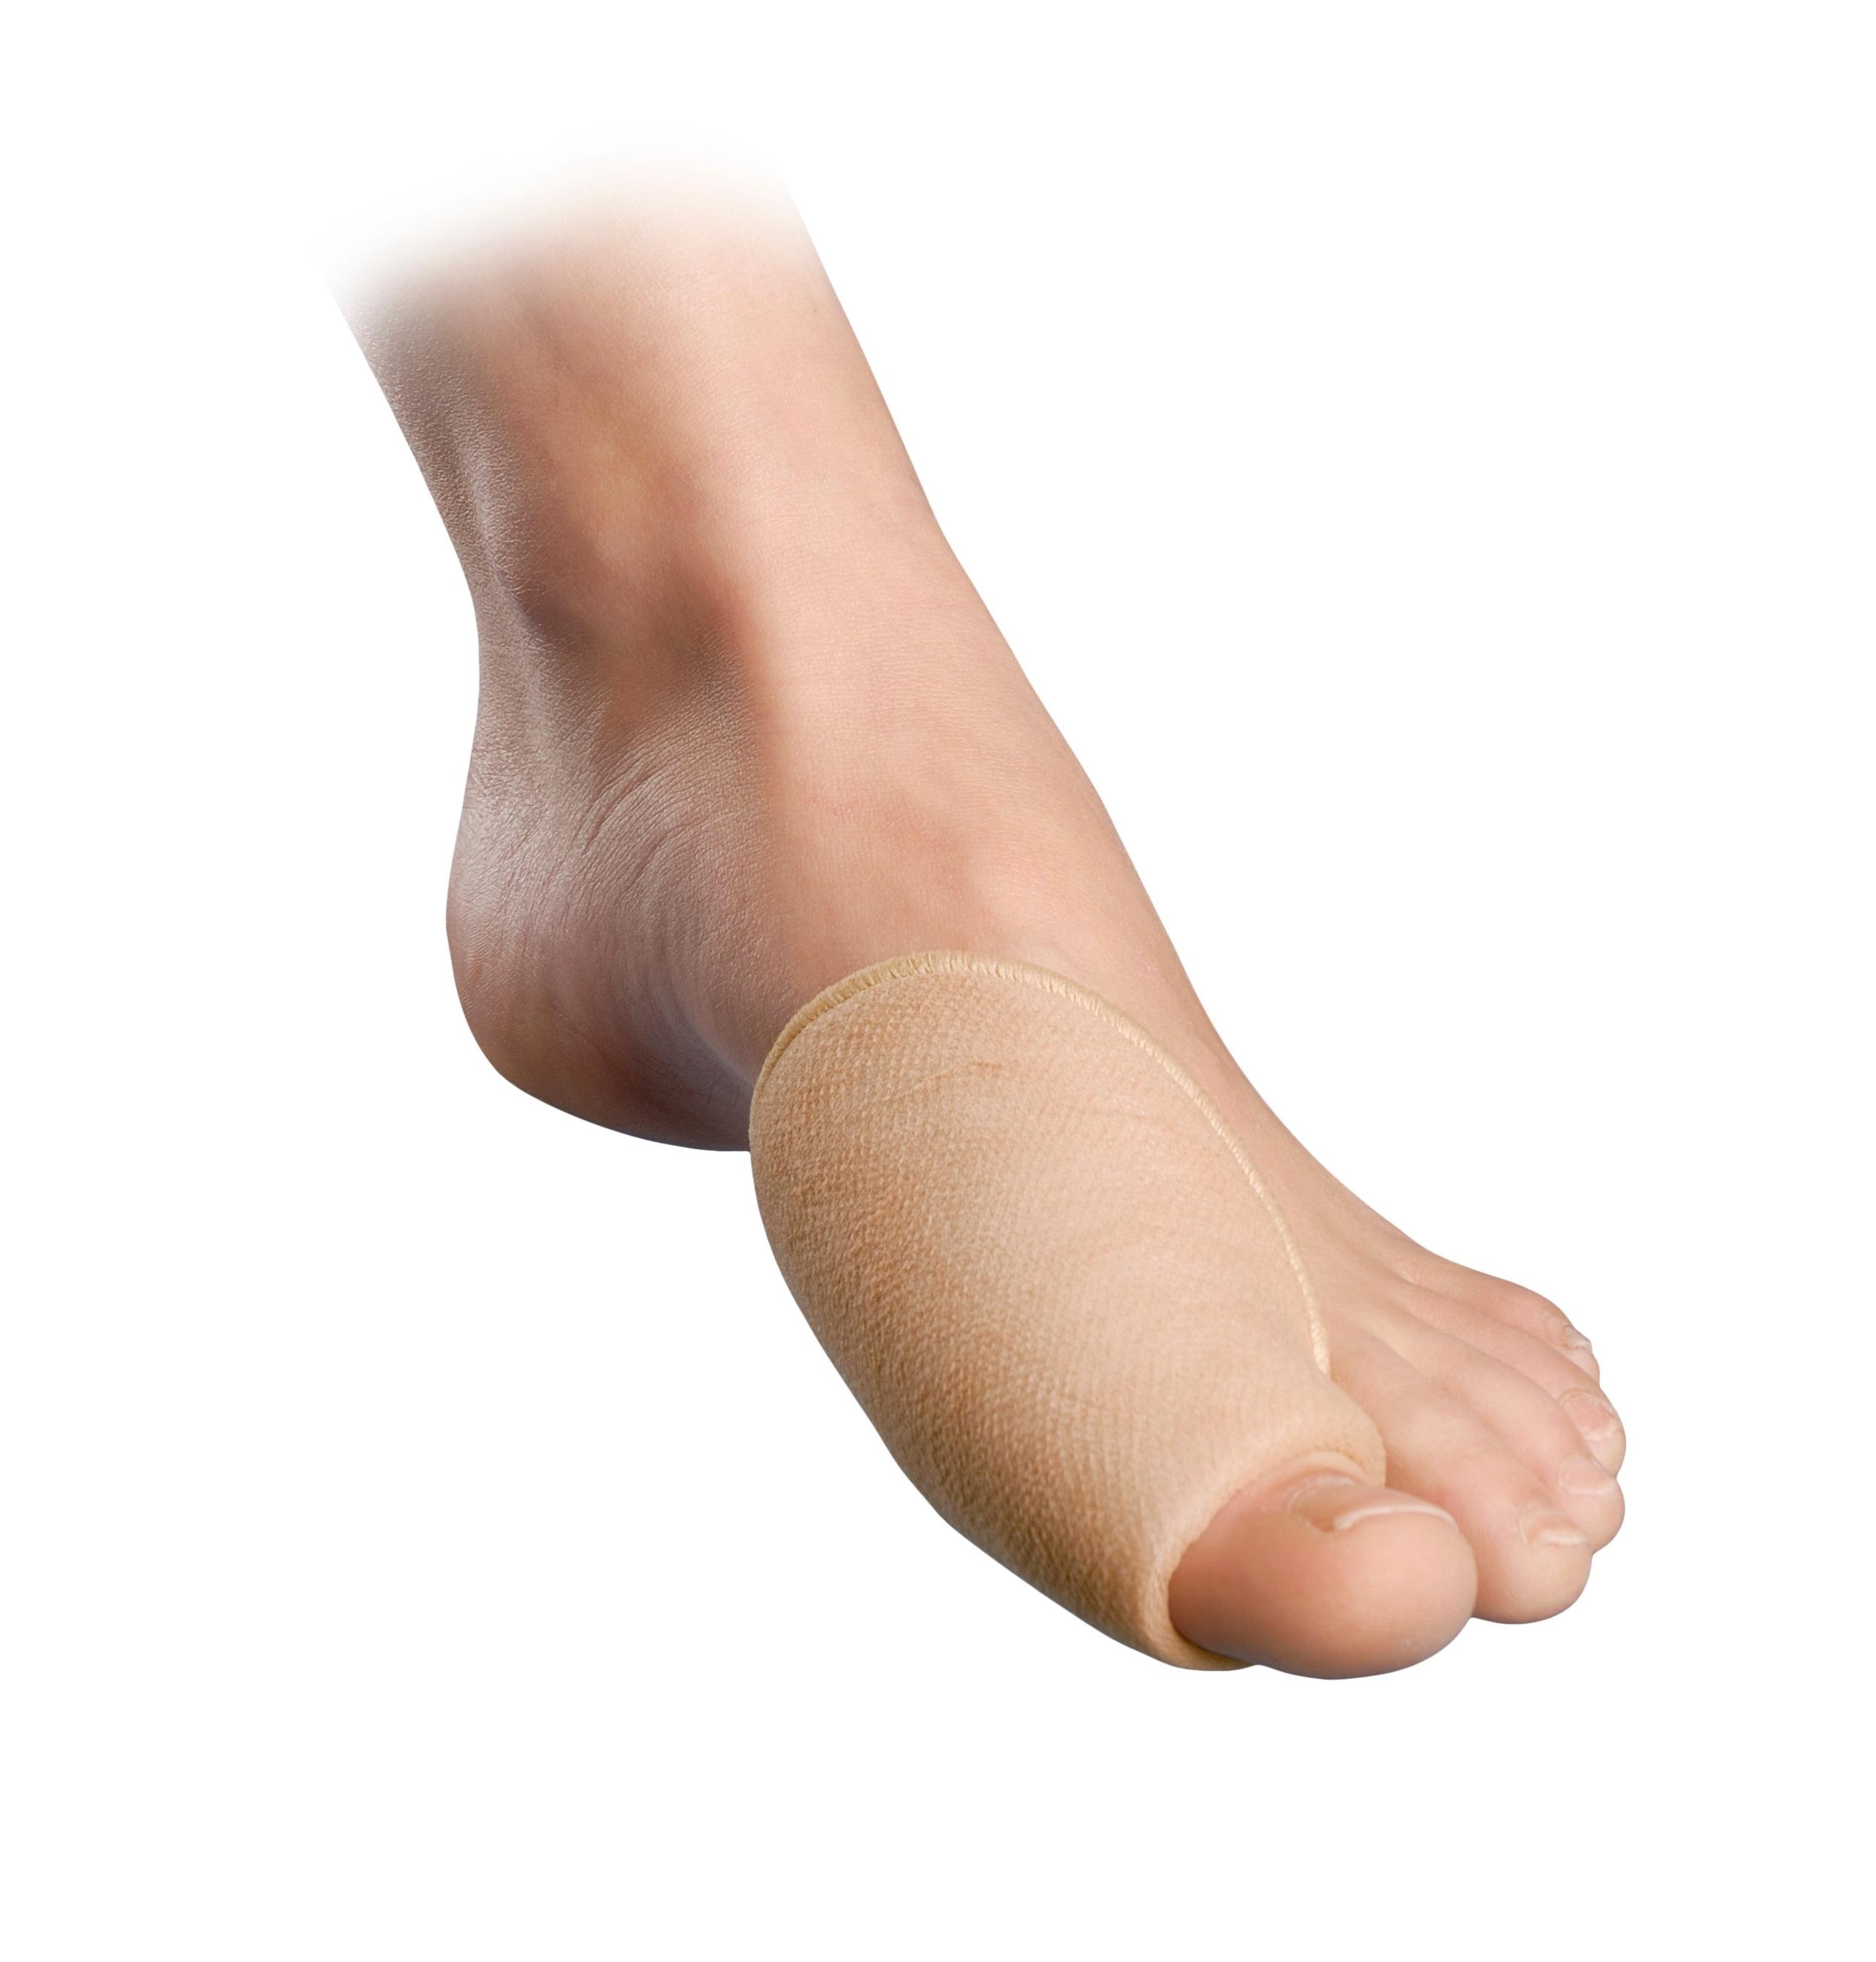 Fuß schmerzen am überbein Überbein am